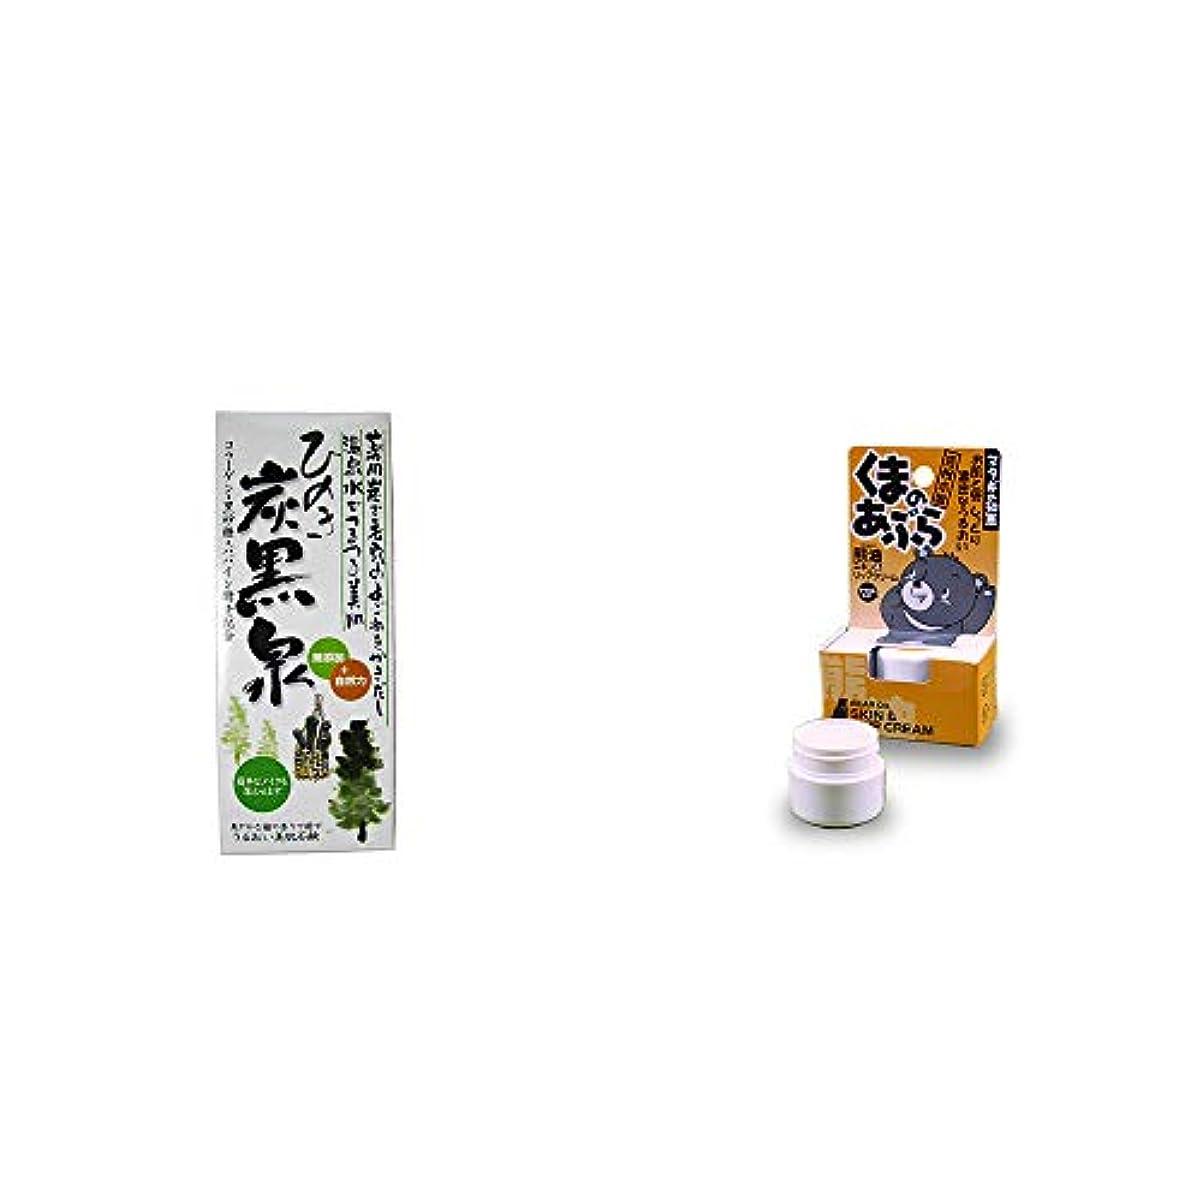 楽しむ規範アクティブ[2点セット] ひのき炭黒泉 箱入り(75g×3)?信州木曽 くまのあぶら 熊油スキン&リップクリーム(9g)